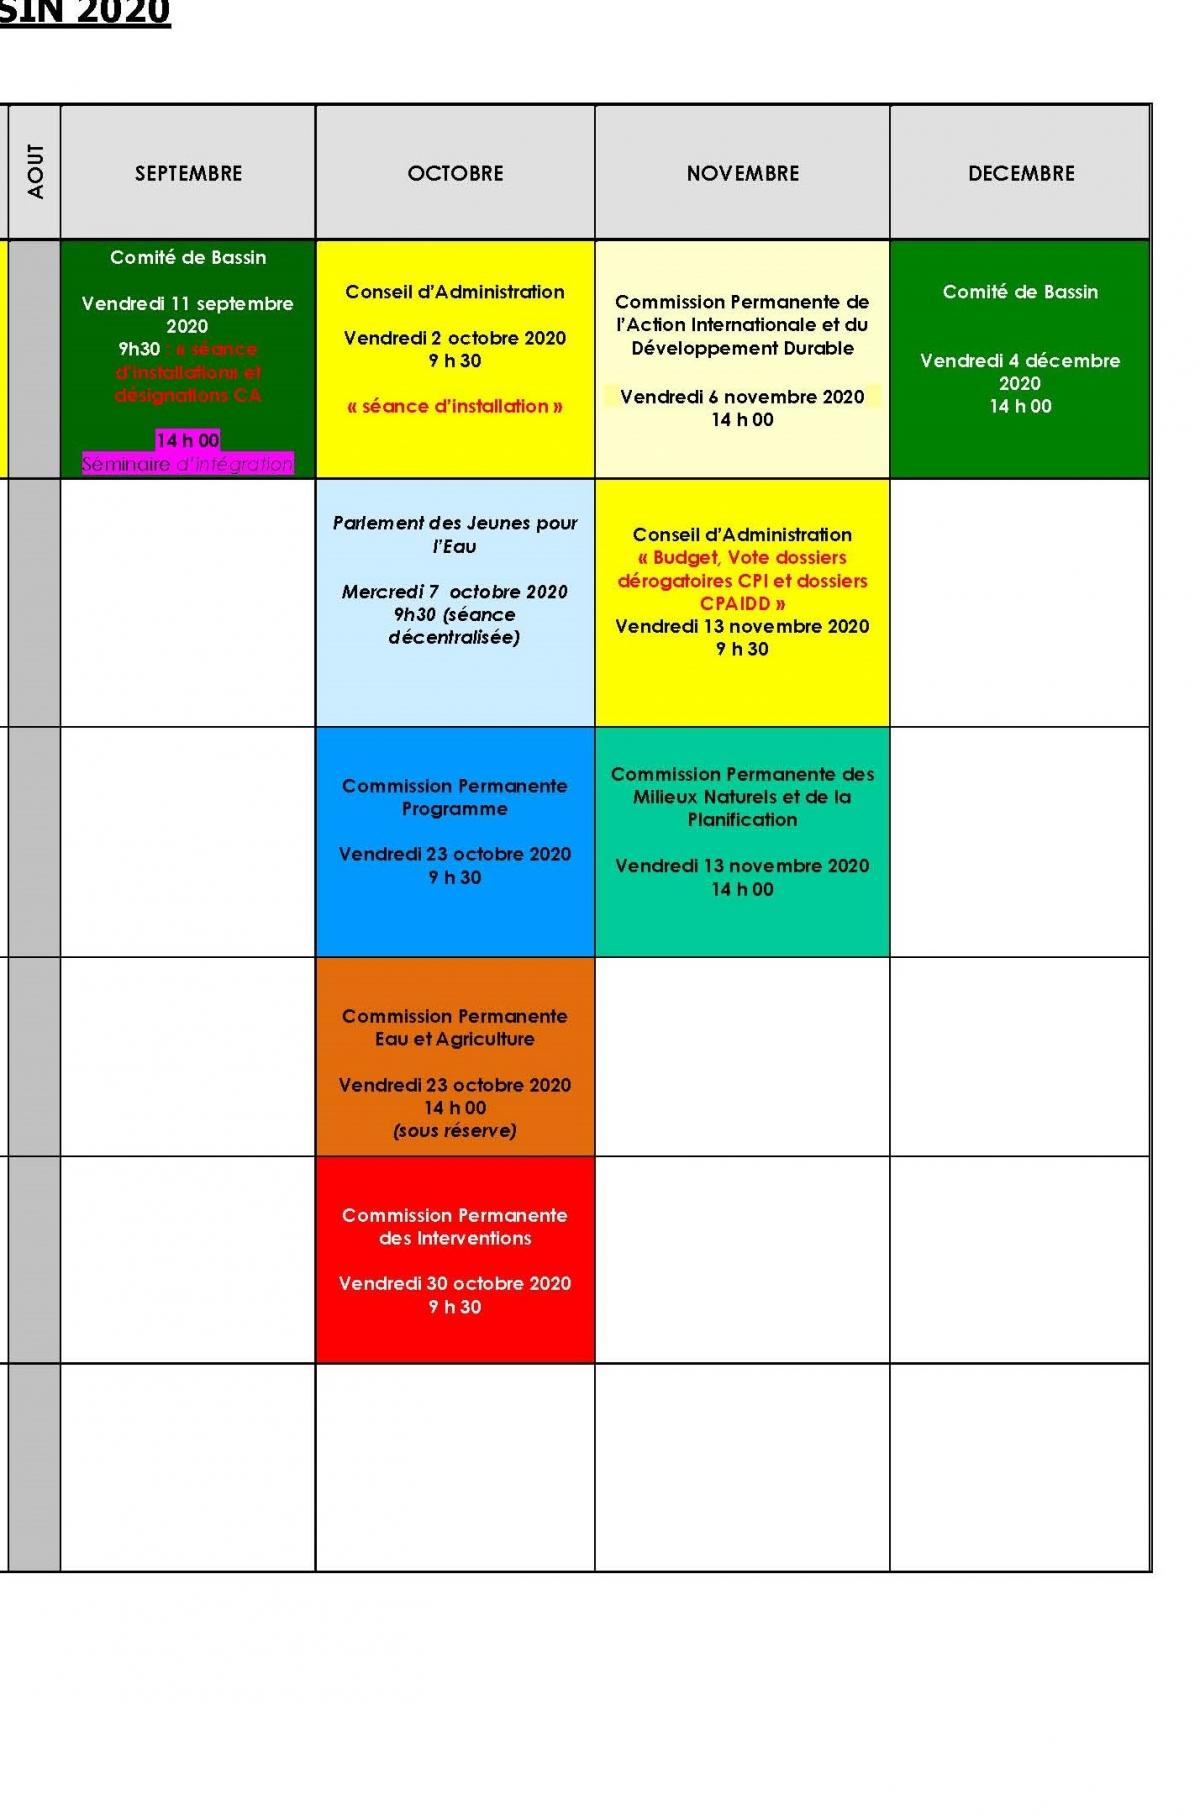 calendrier_des_instances_de_bassin_2020_partie_2_-_vf.jpg